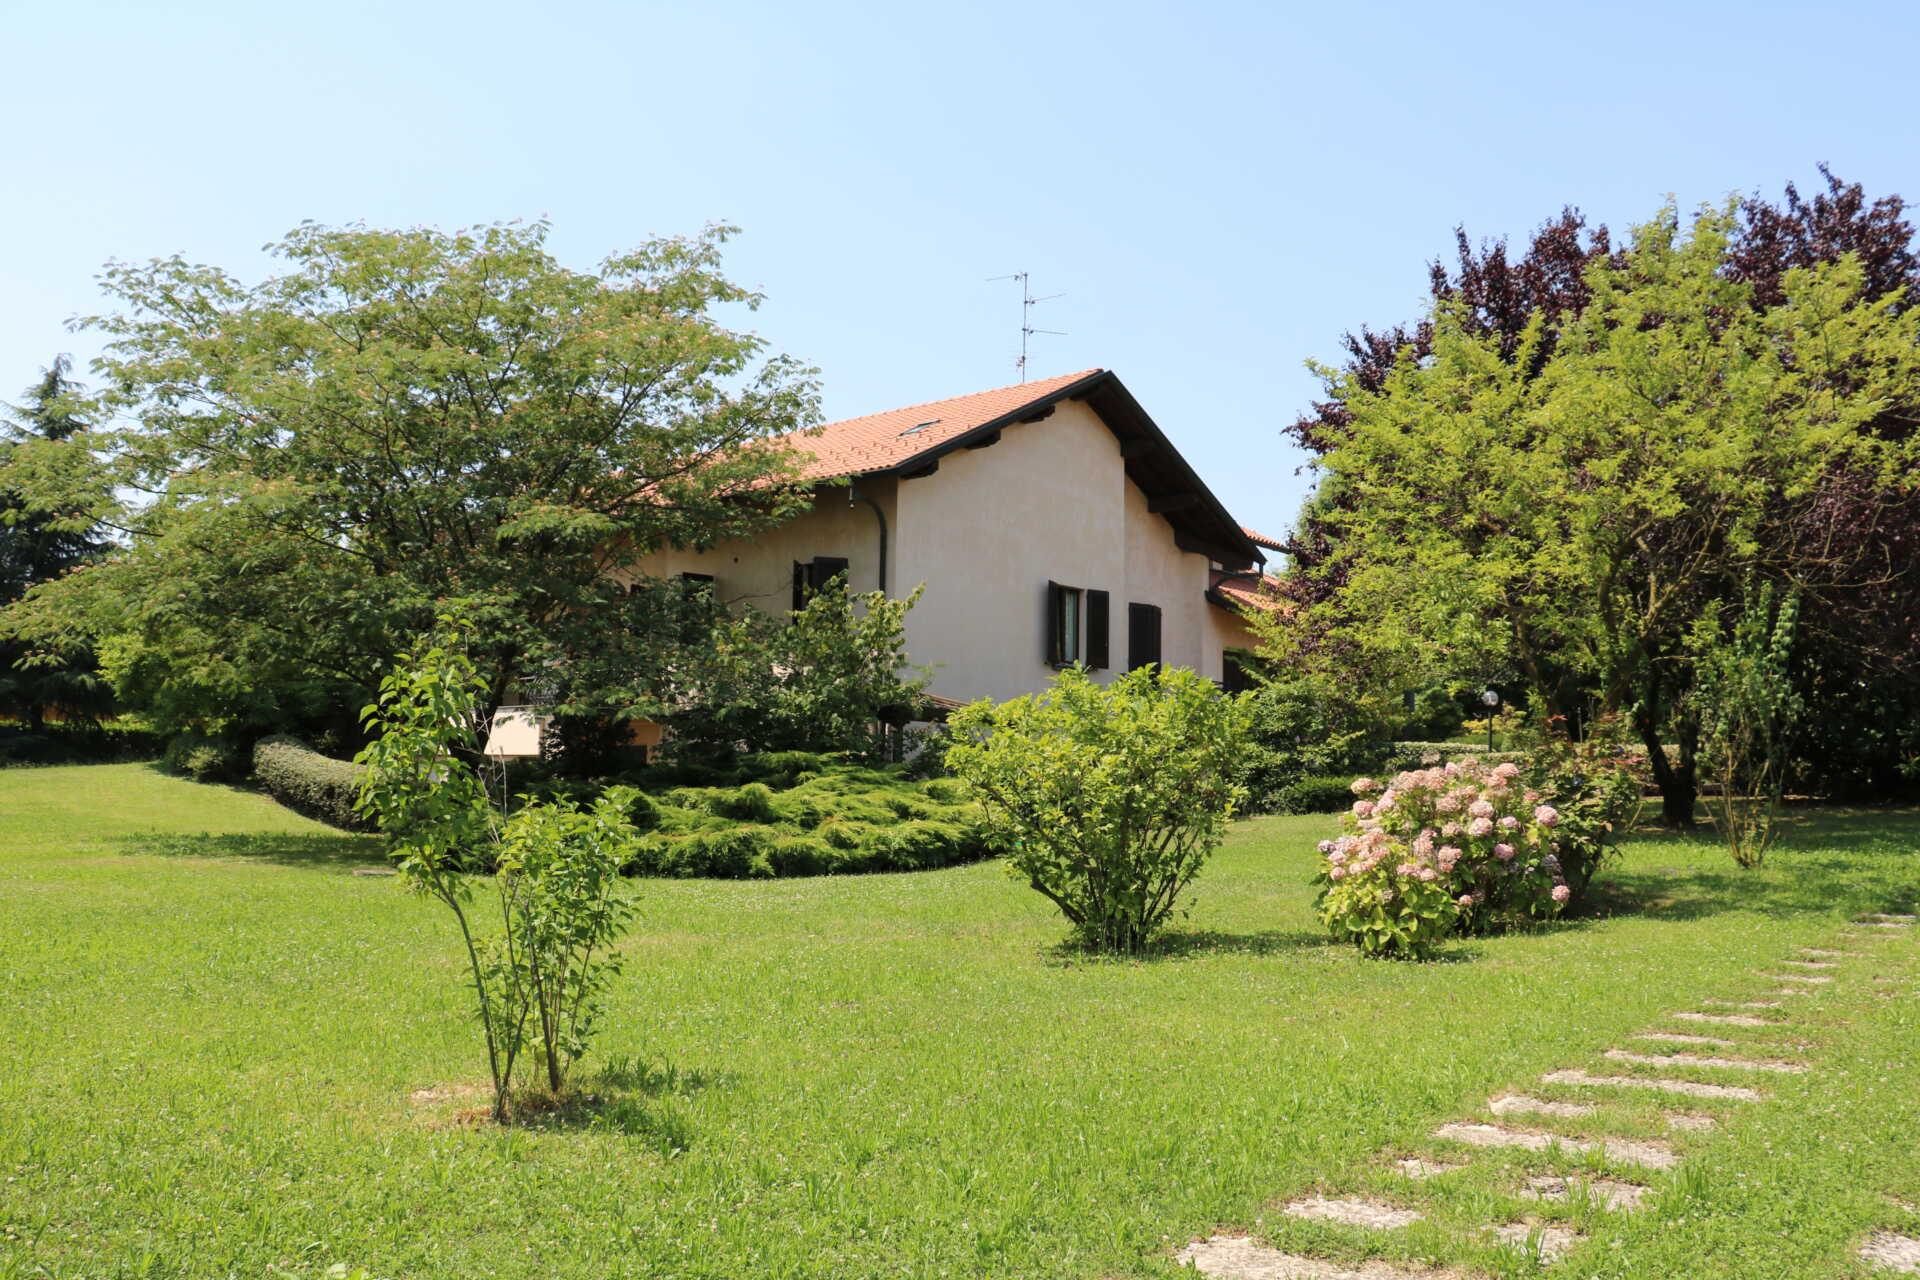 Incarico di vendita villa in Brianza